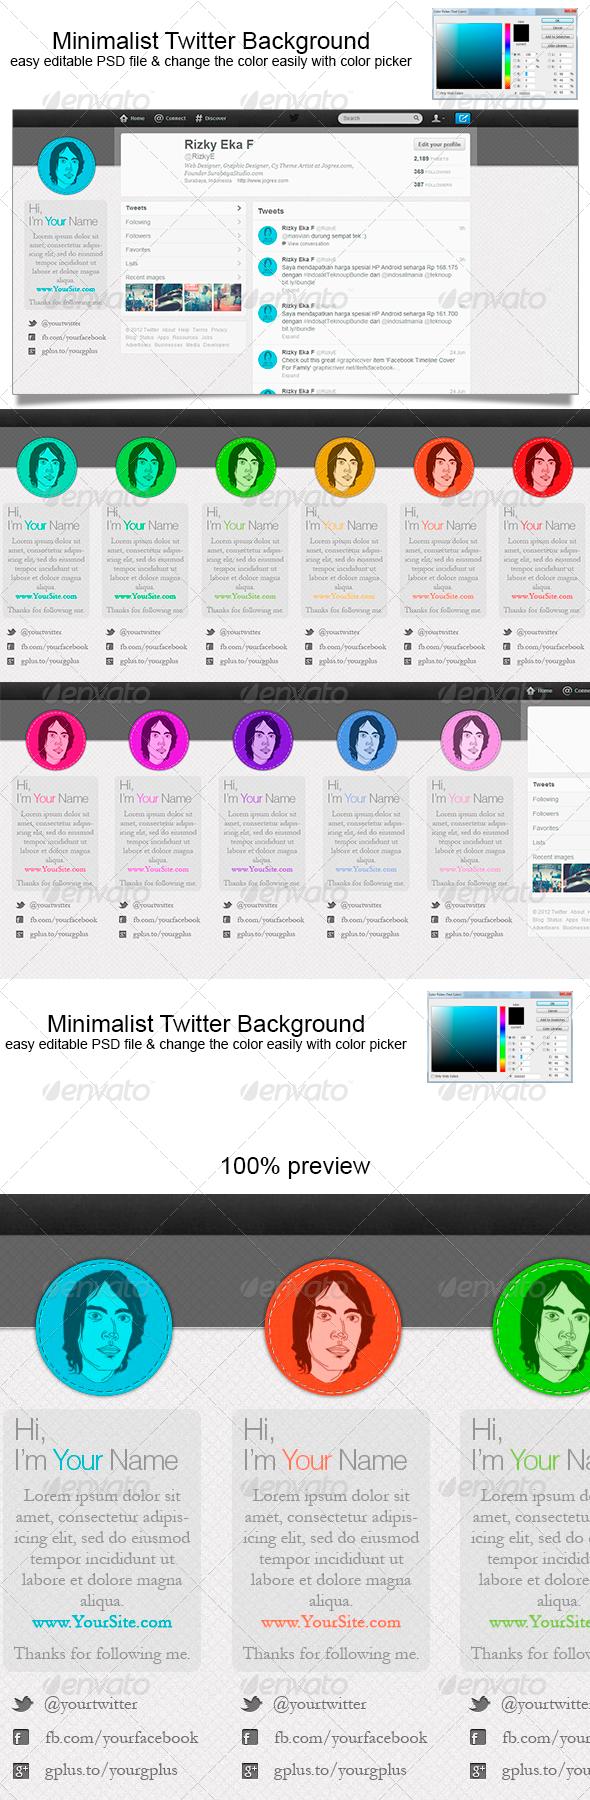 Minimalist twitter background twitter backgrounds template and minimalist twitter background maxwellsz